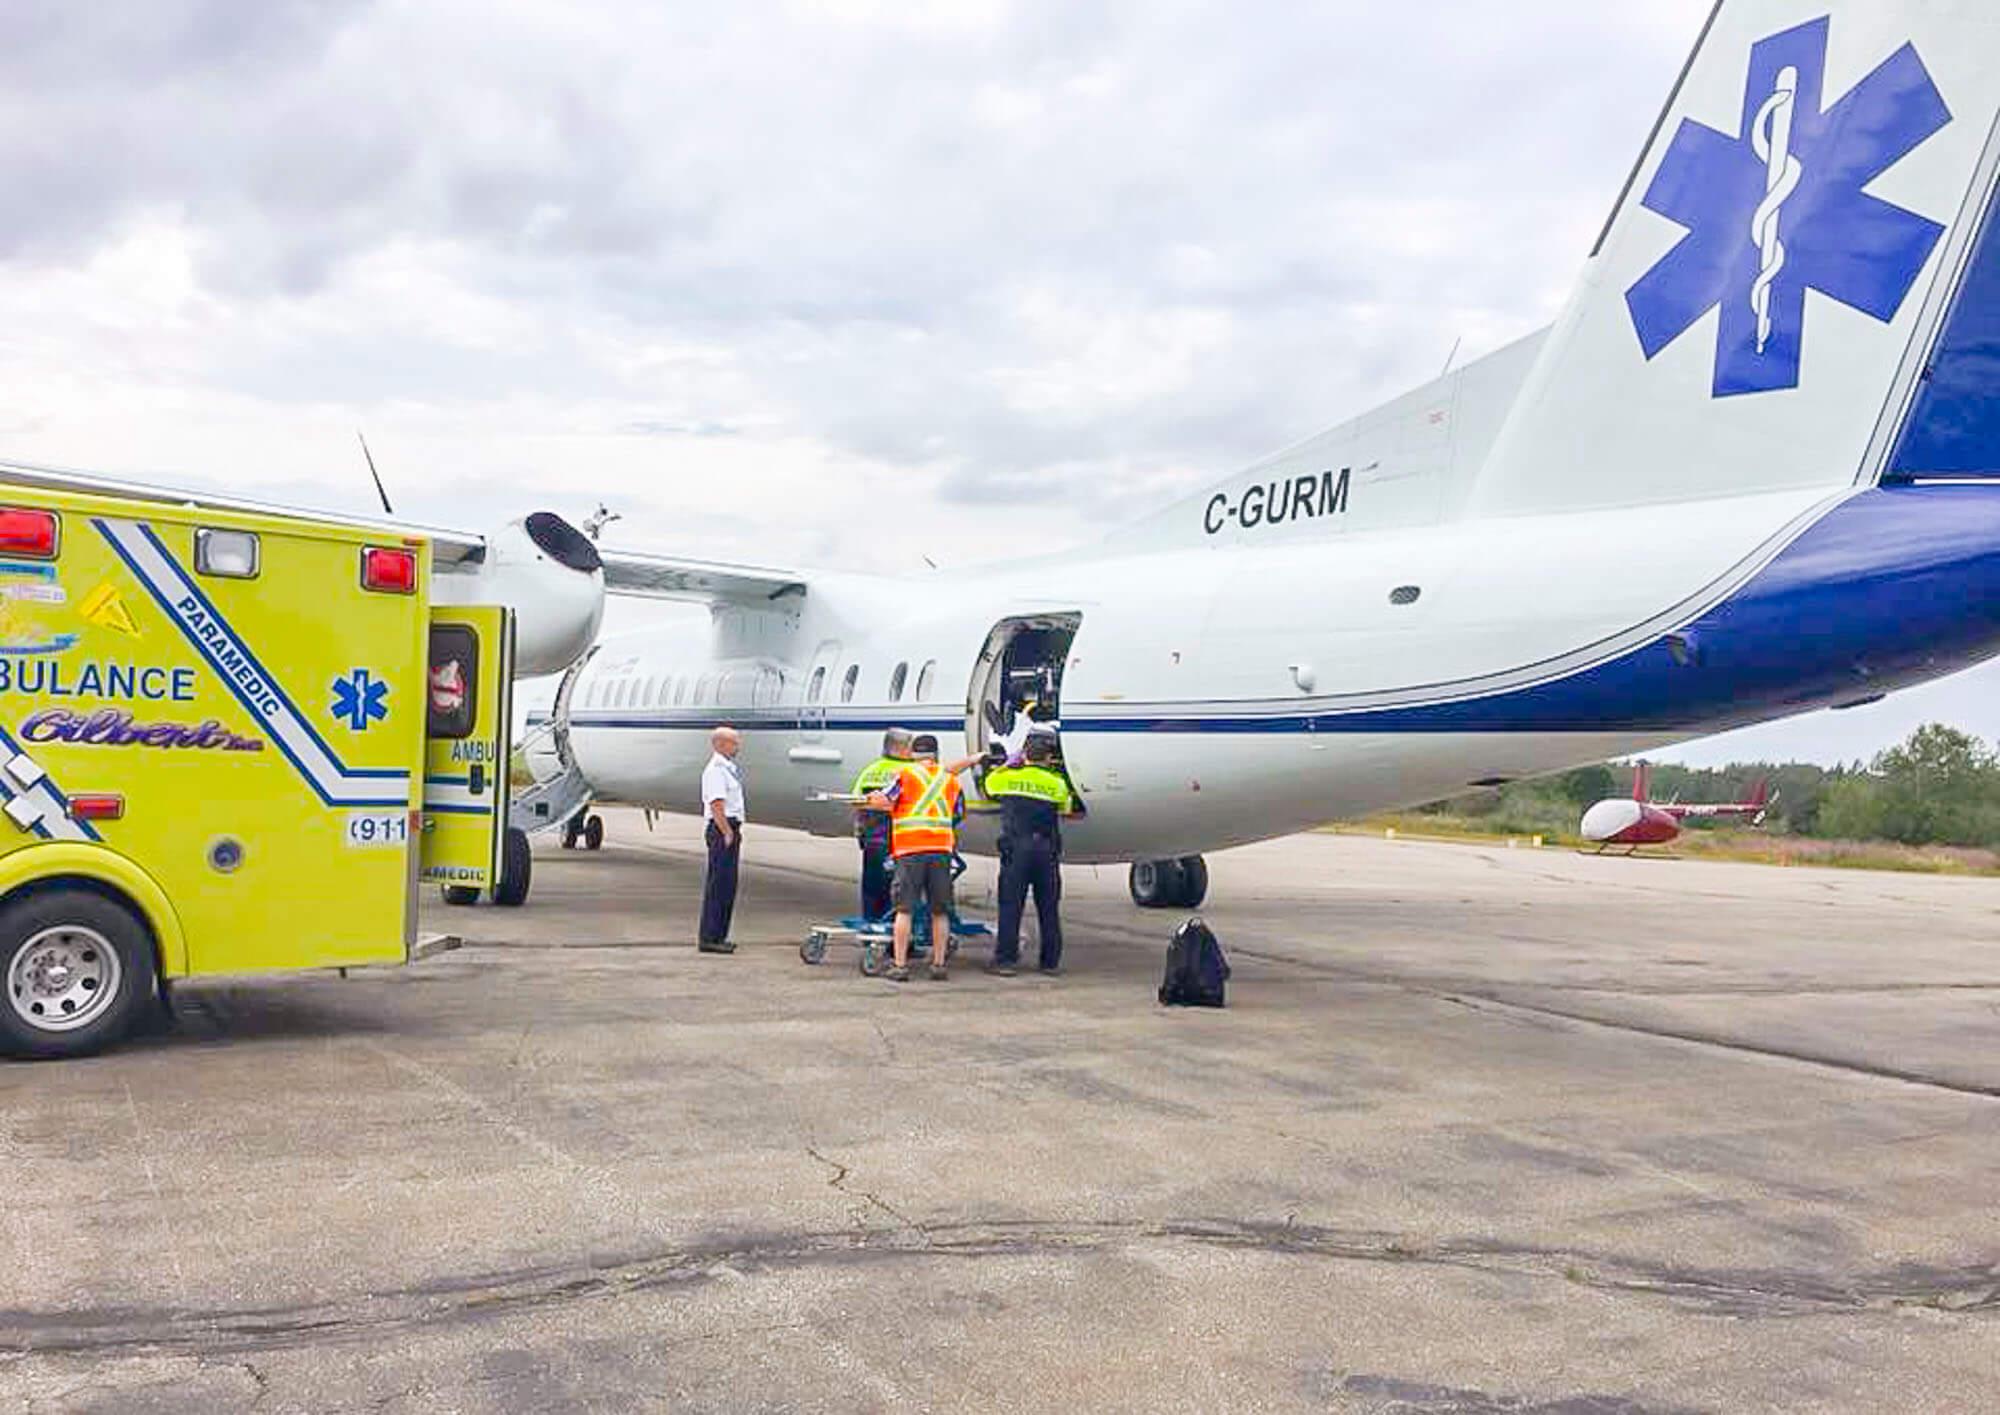 Aéroport Matane avion-ambulance urgences évacuations aérodrome Dash 8